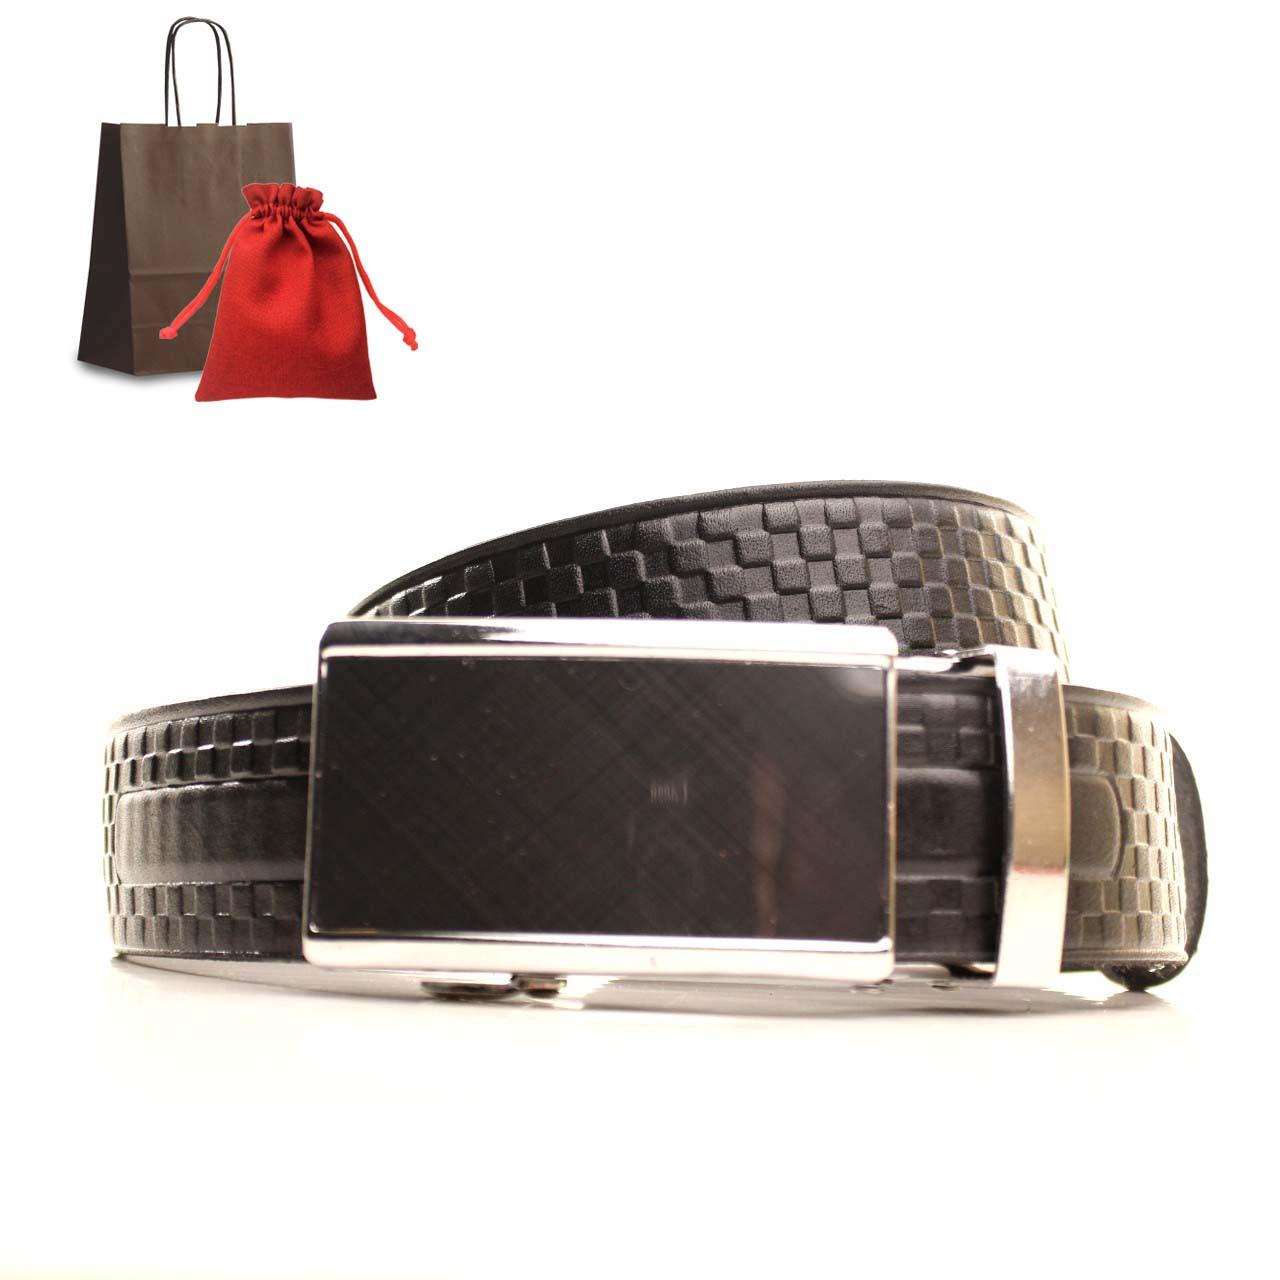 Ремень кожаный Lazar 120-125 см черный L35U1A75-M